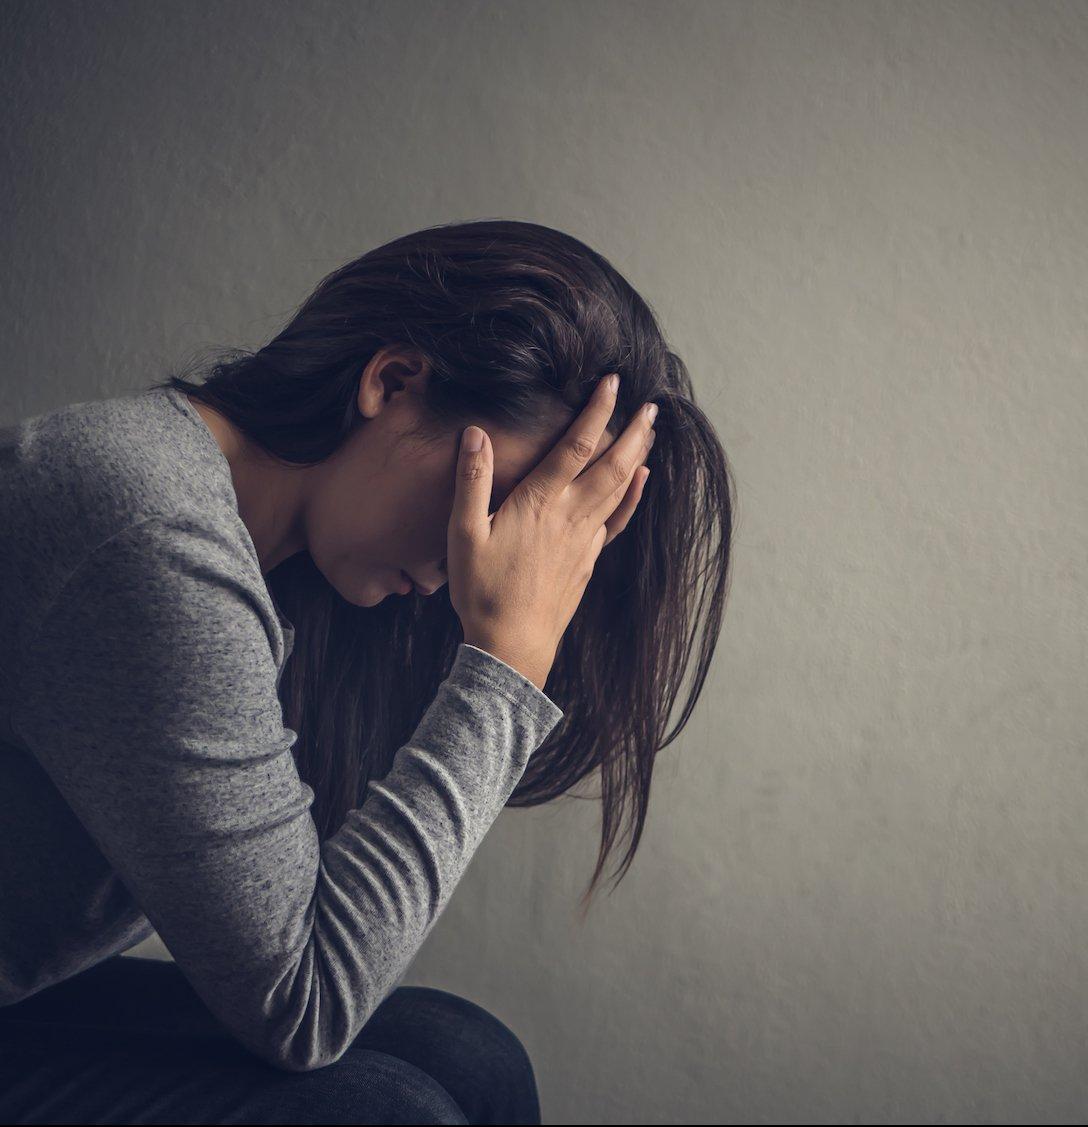 NEWS PSICOLOGIA. Covid-19, psicologo: Aumenteranno suicidi ecomplottisti